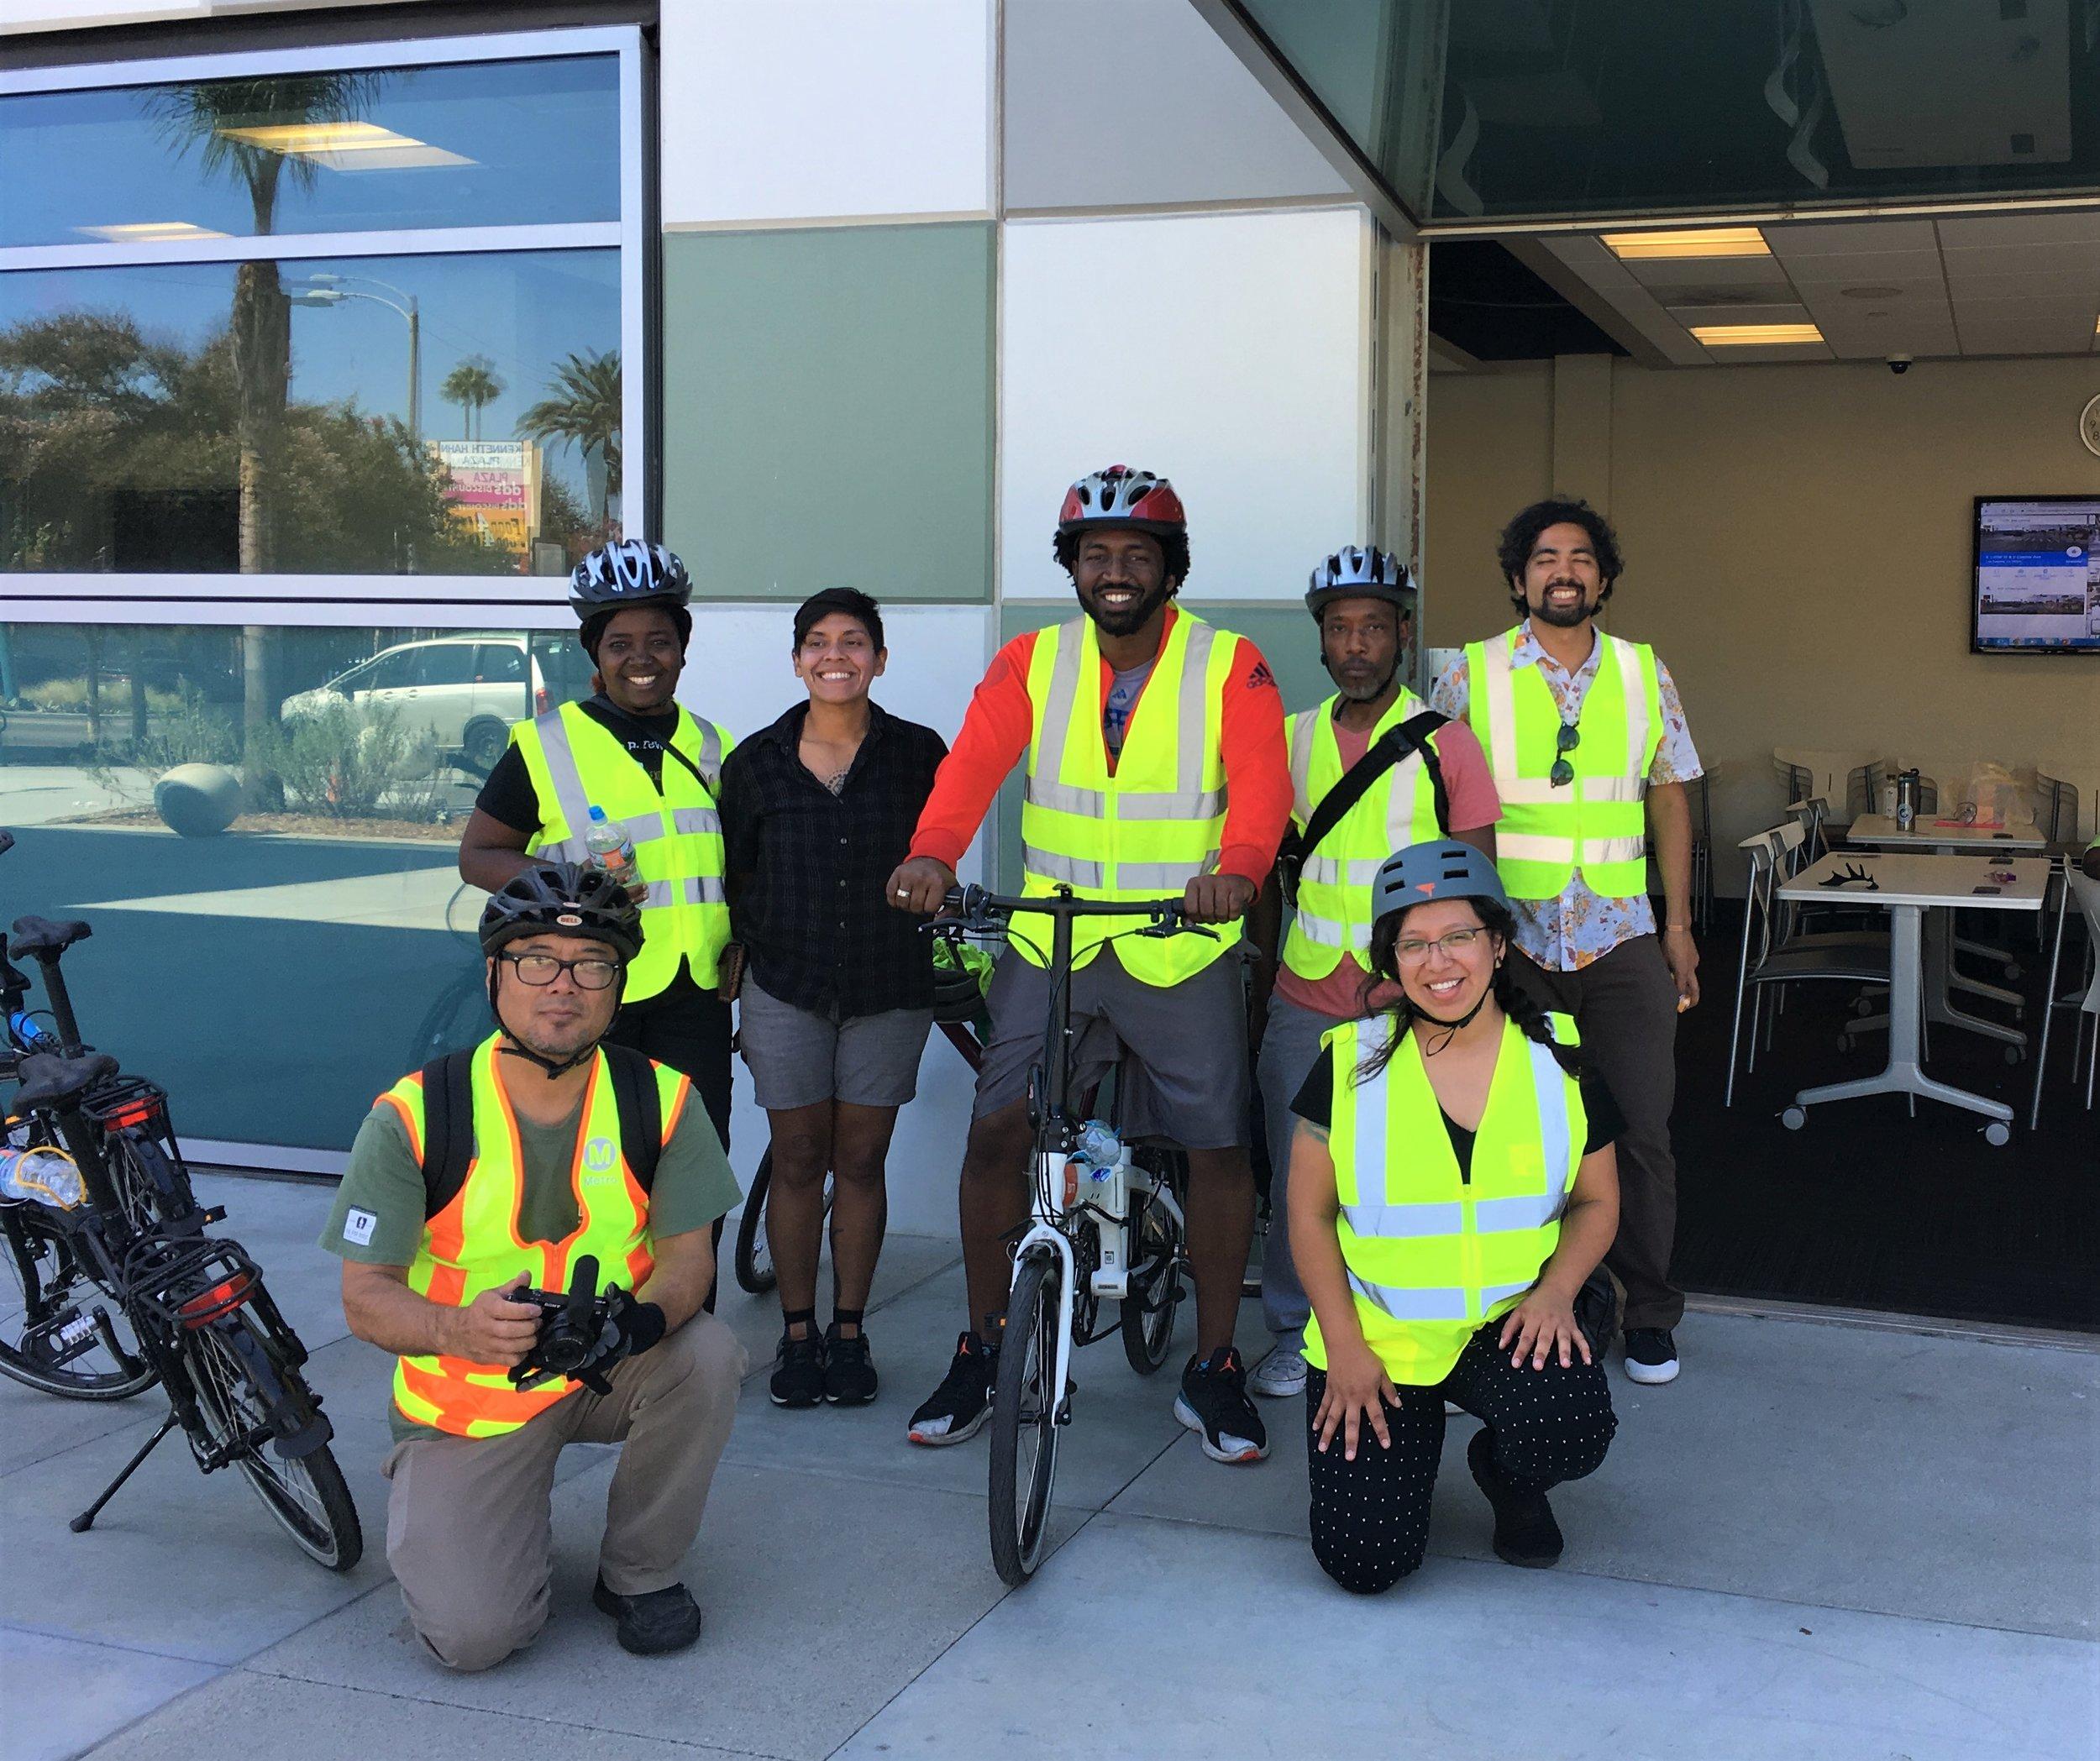 Participantes del taller CPBST en Willowbrook antes de que condujeran una evaluación de la seguridad peatonal y ciclista en bicicleta.